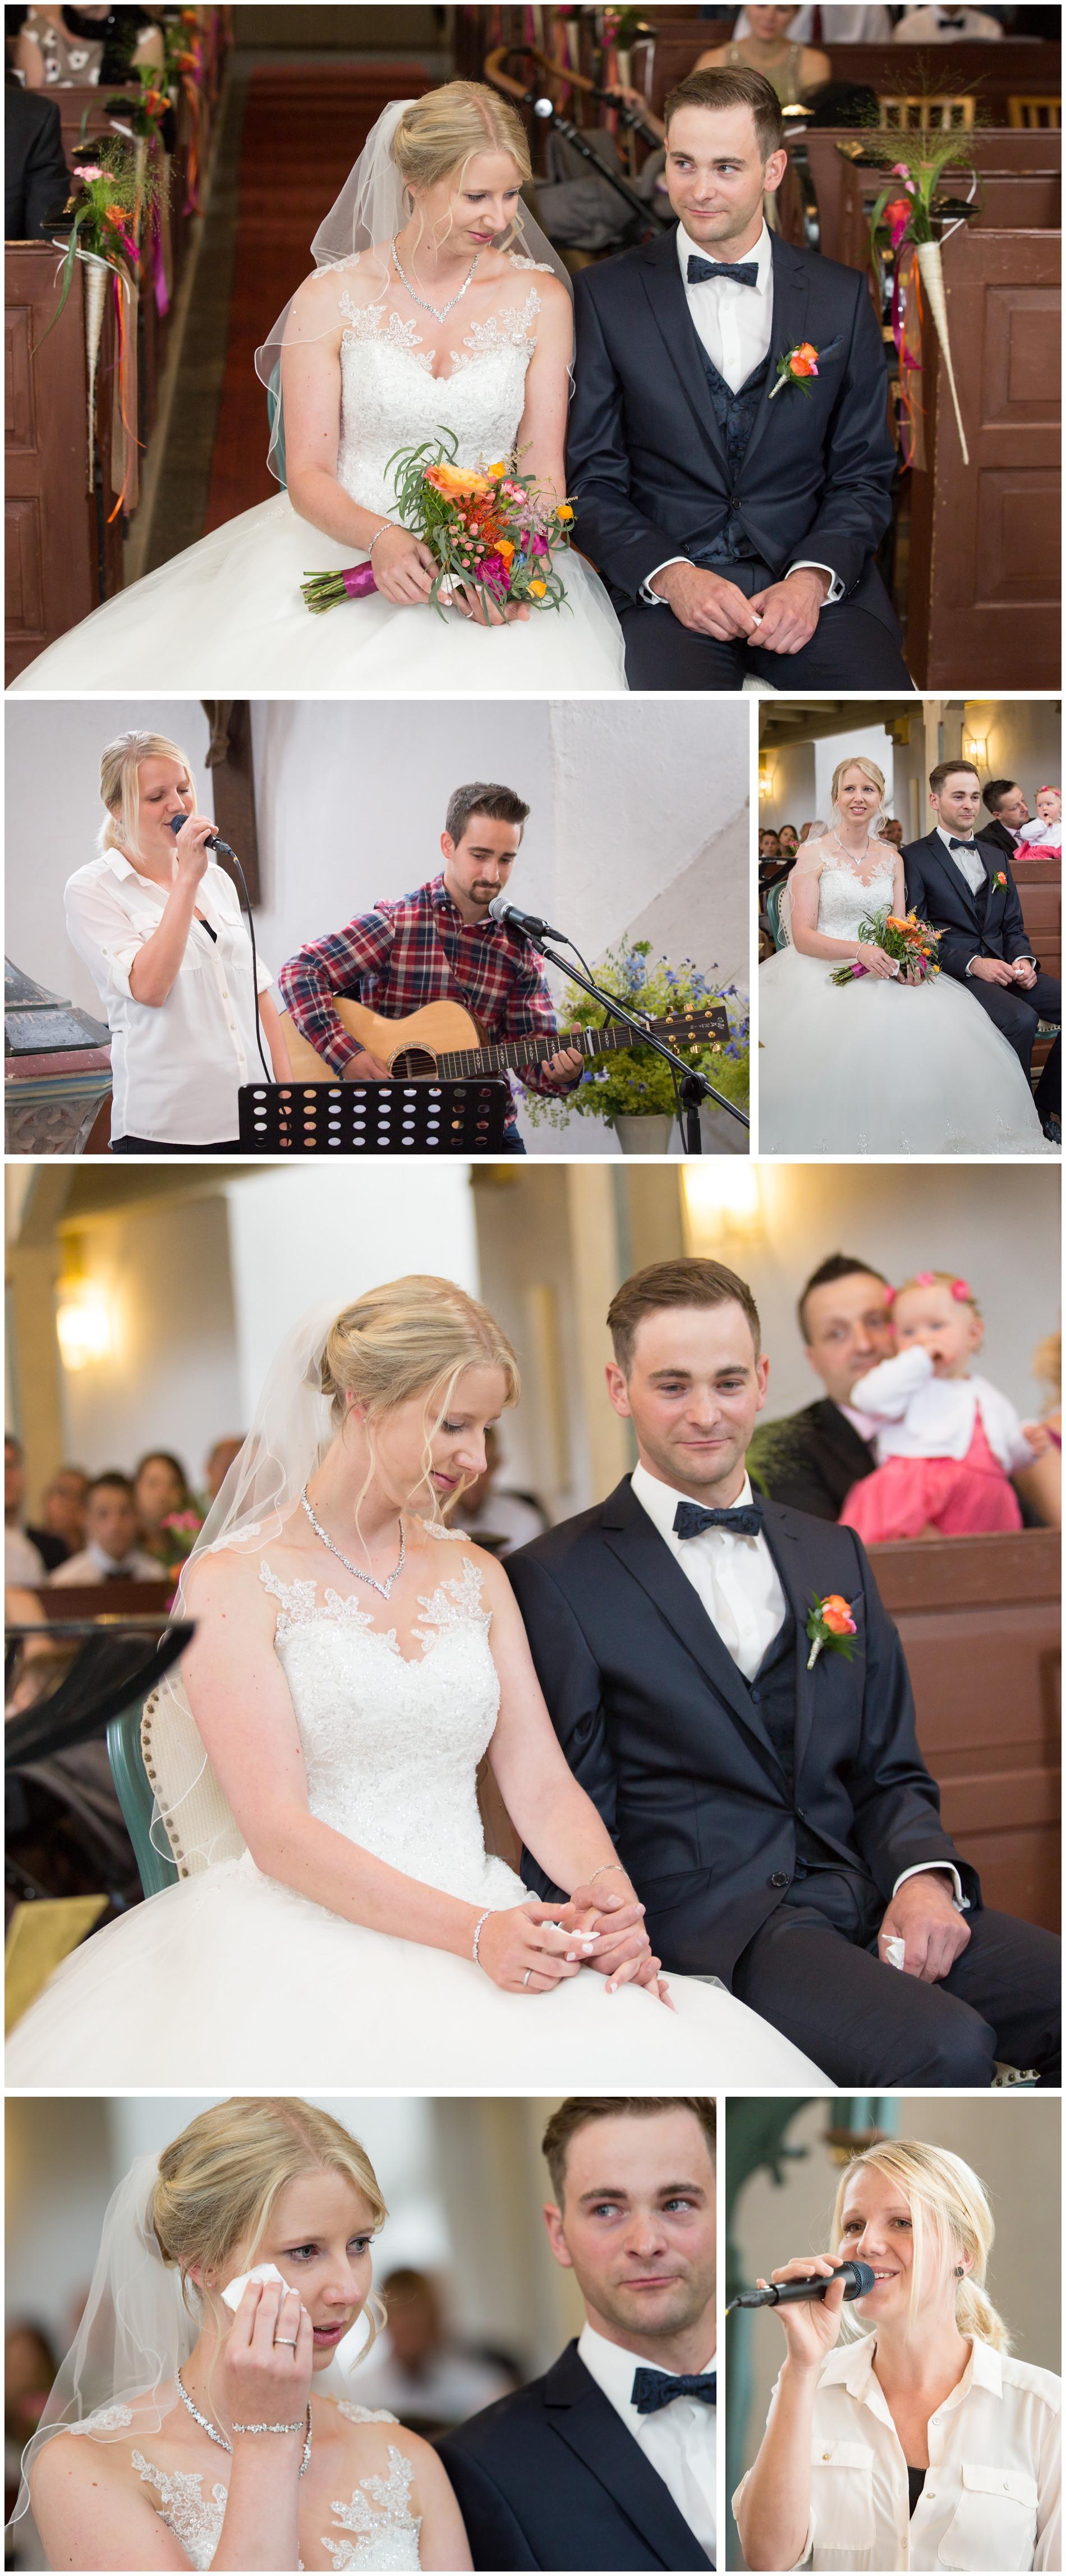 Hochzeit Landkreis Kronach - Hochzeits- und Portraitfotografin Stephanie Scharschmidt